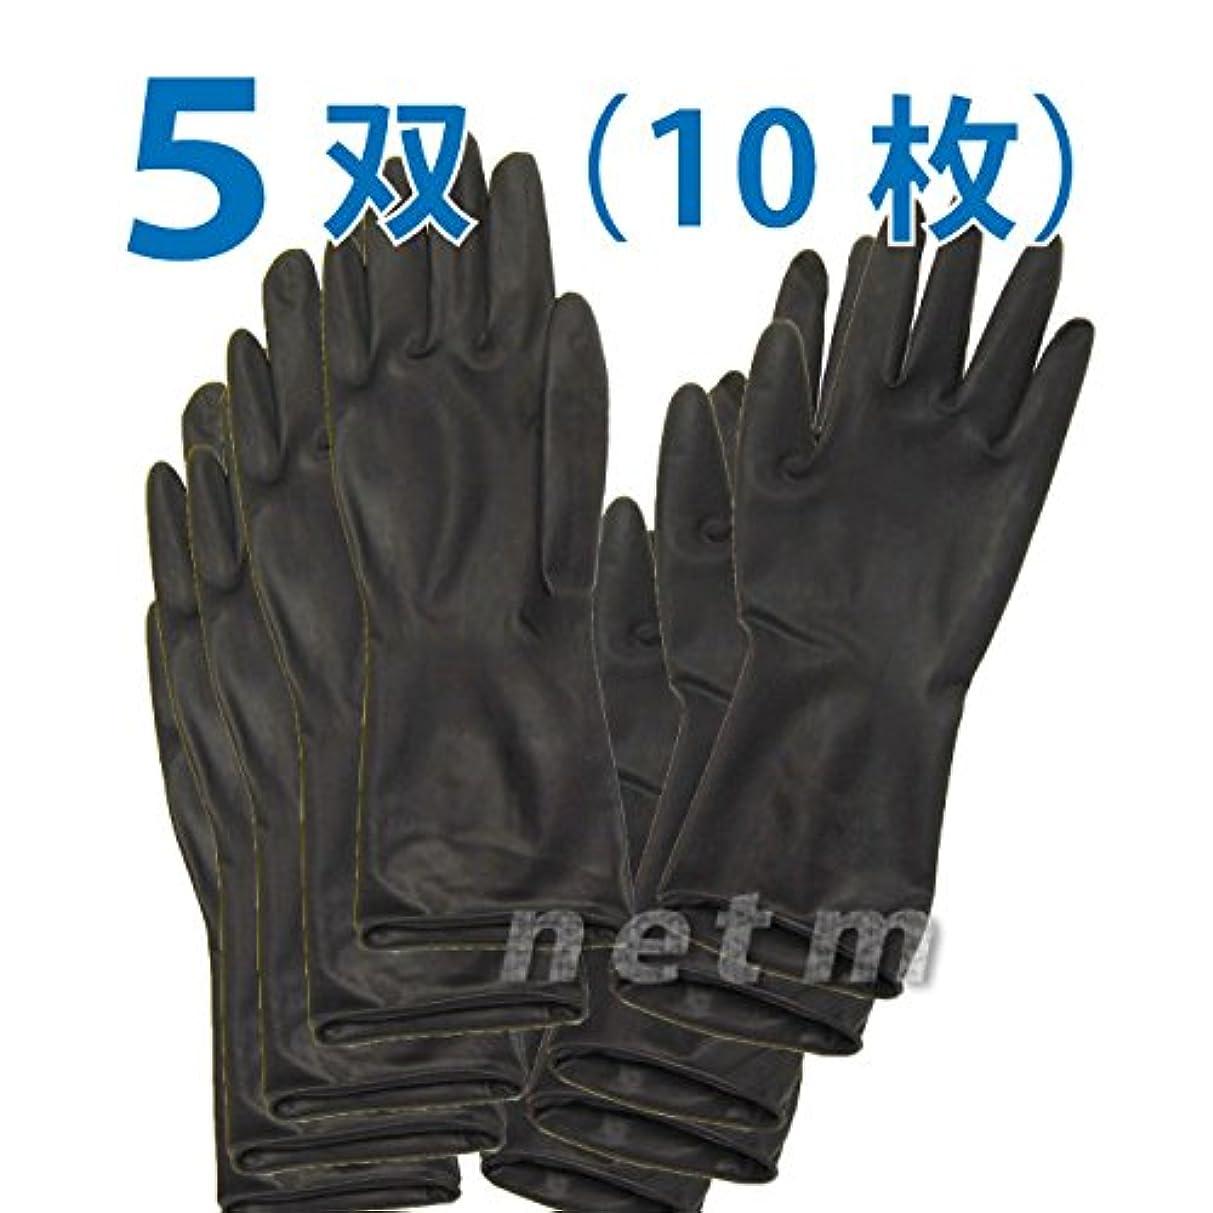 分散いらいらさせるママオカモト ブラックグローブ ロングタイプ Sサイズ  5双(10枚)